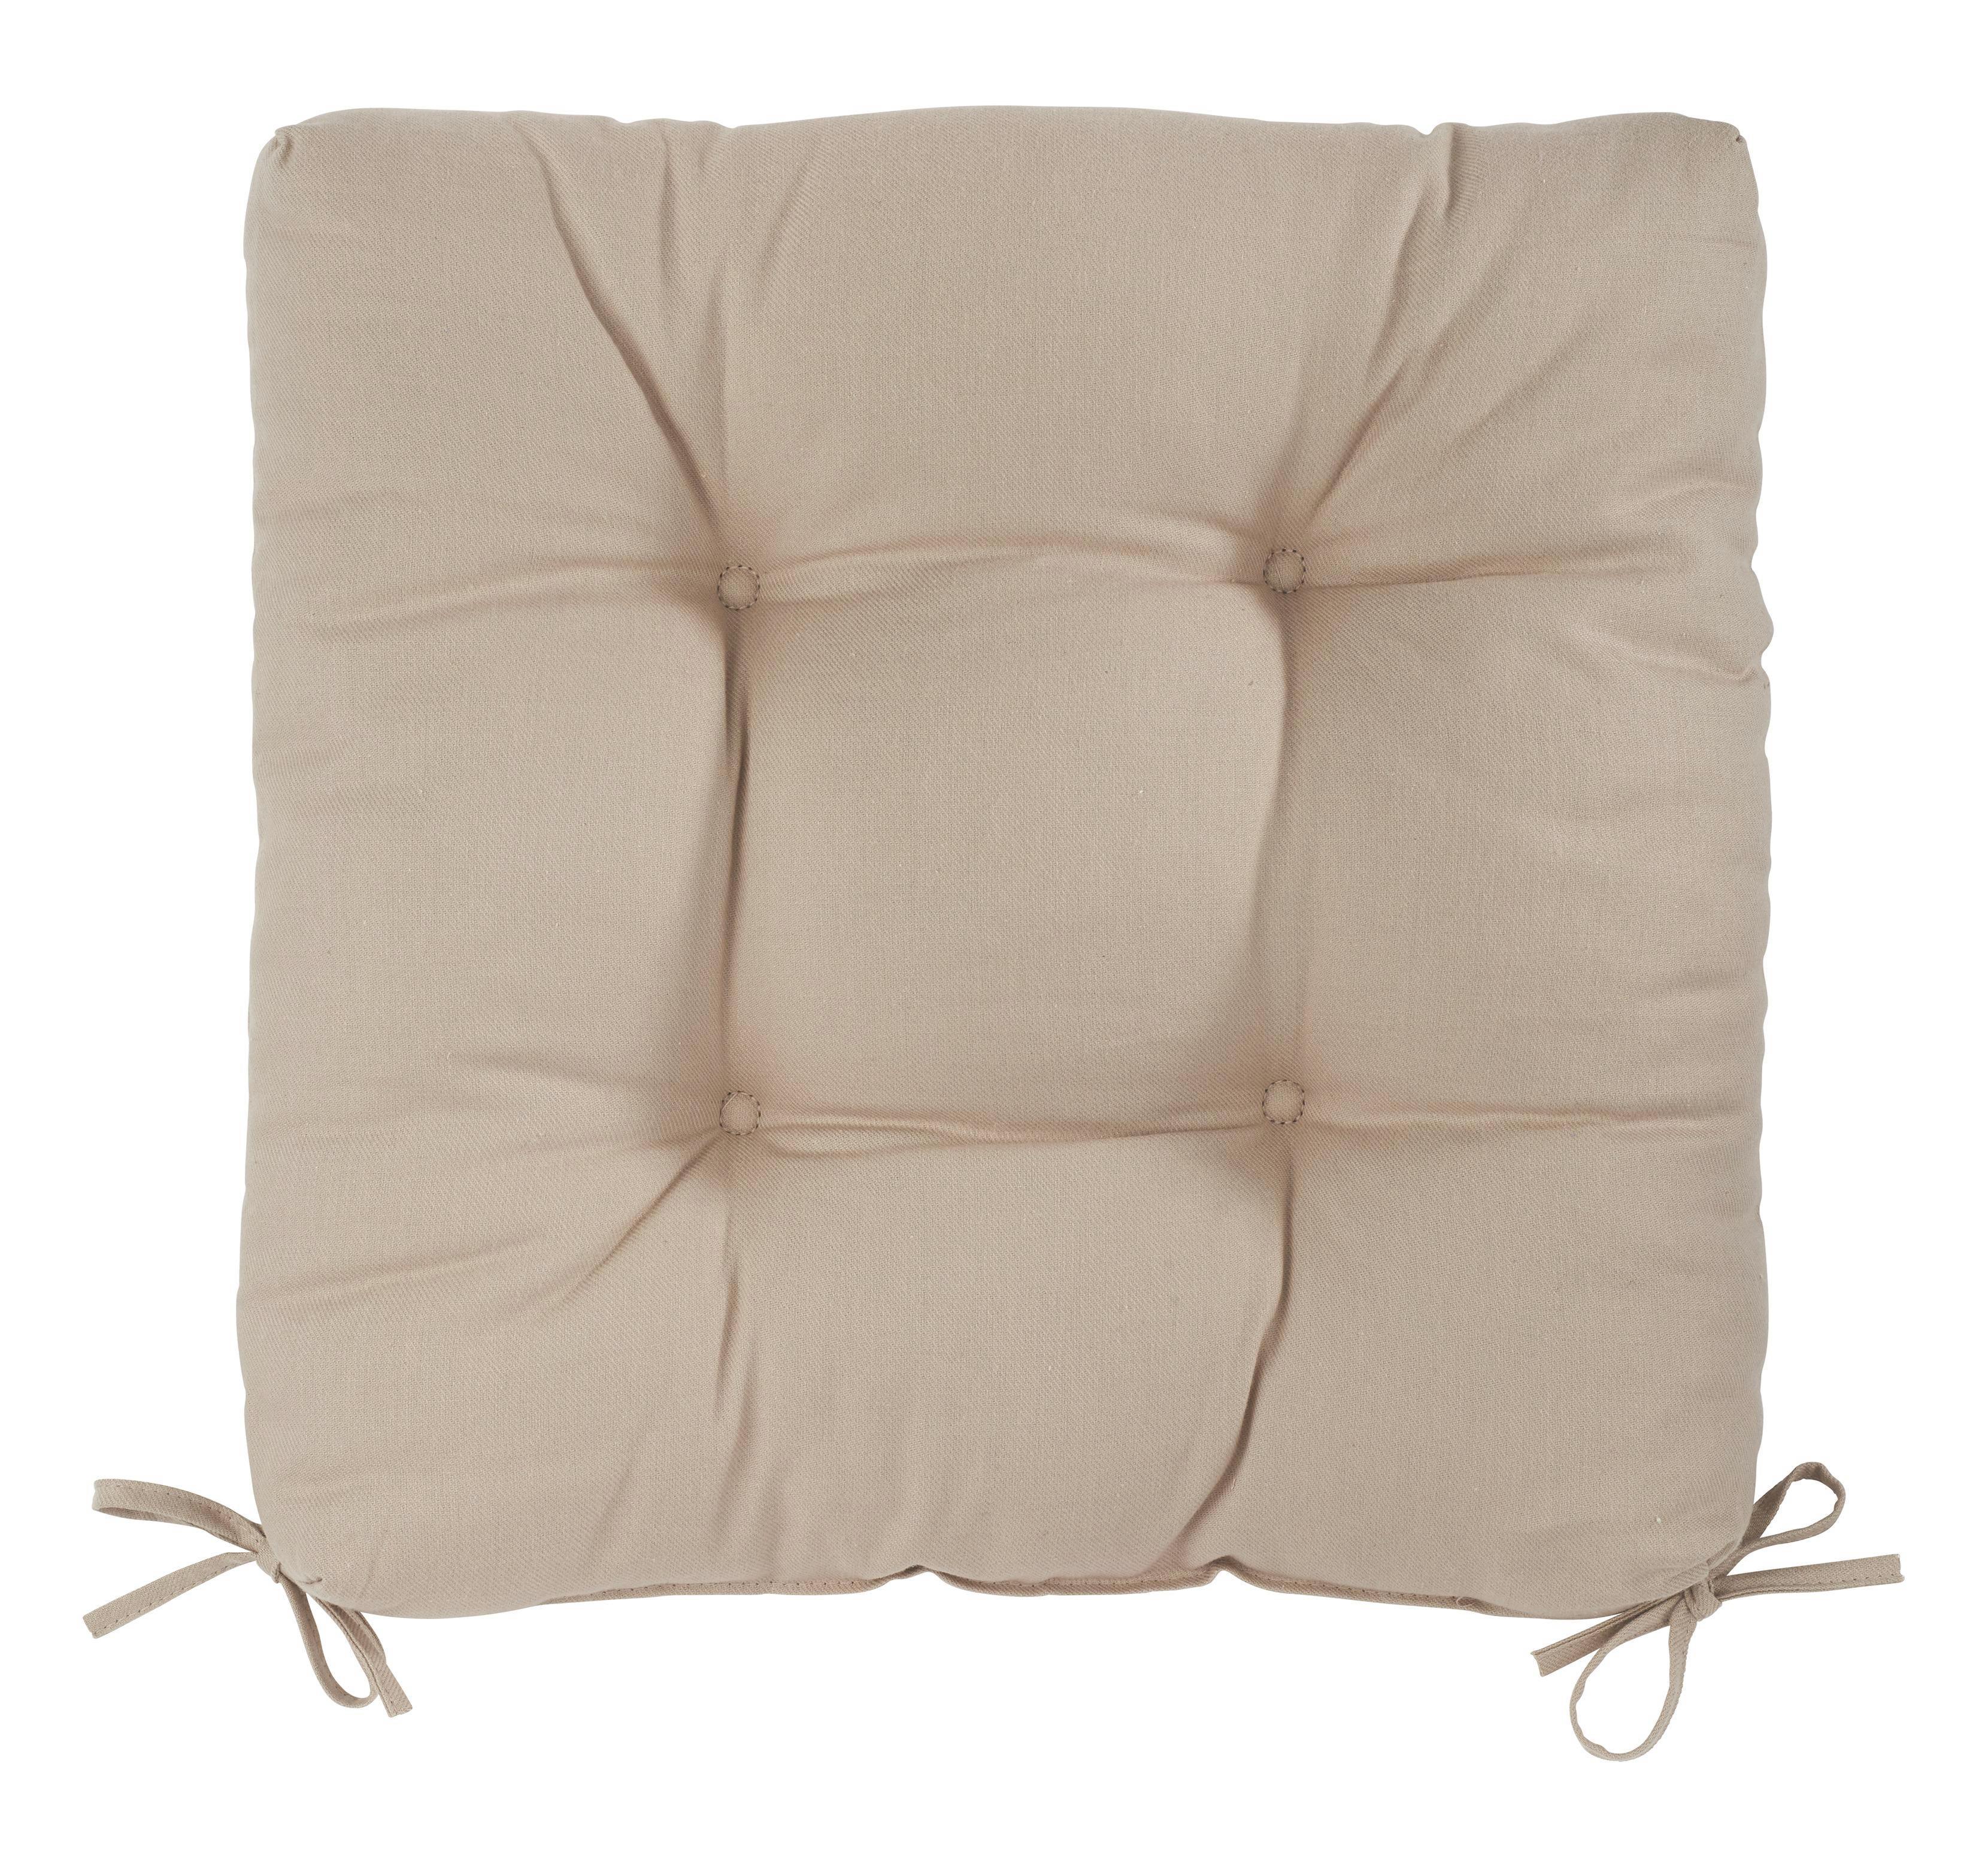 Sedák Elli-hit- - šedá, textil (40/40/7cm) - MÖMAX modern living